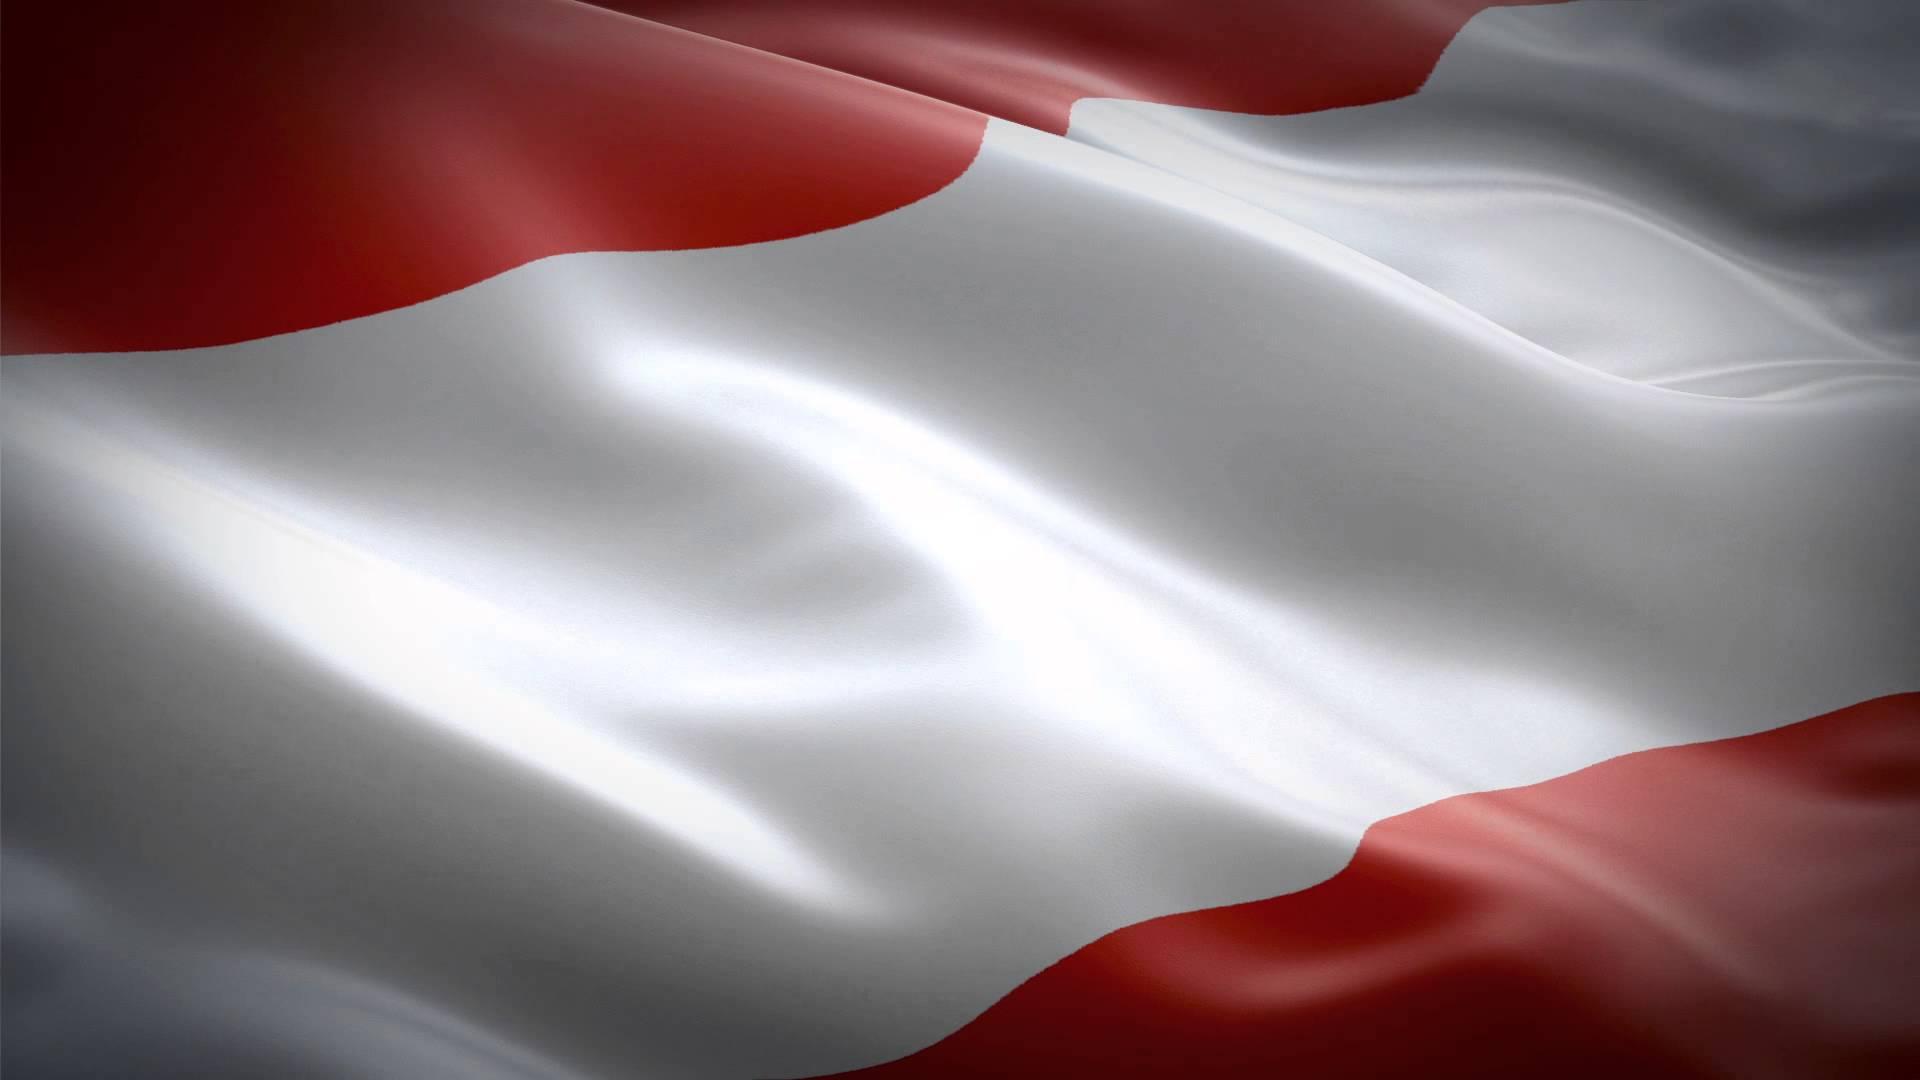 Paket Versand nach Österreich - Versandlogistiker